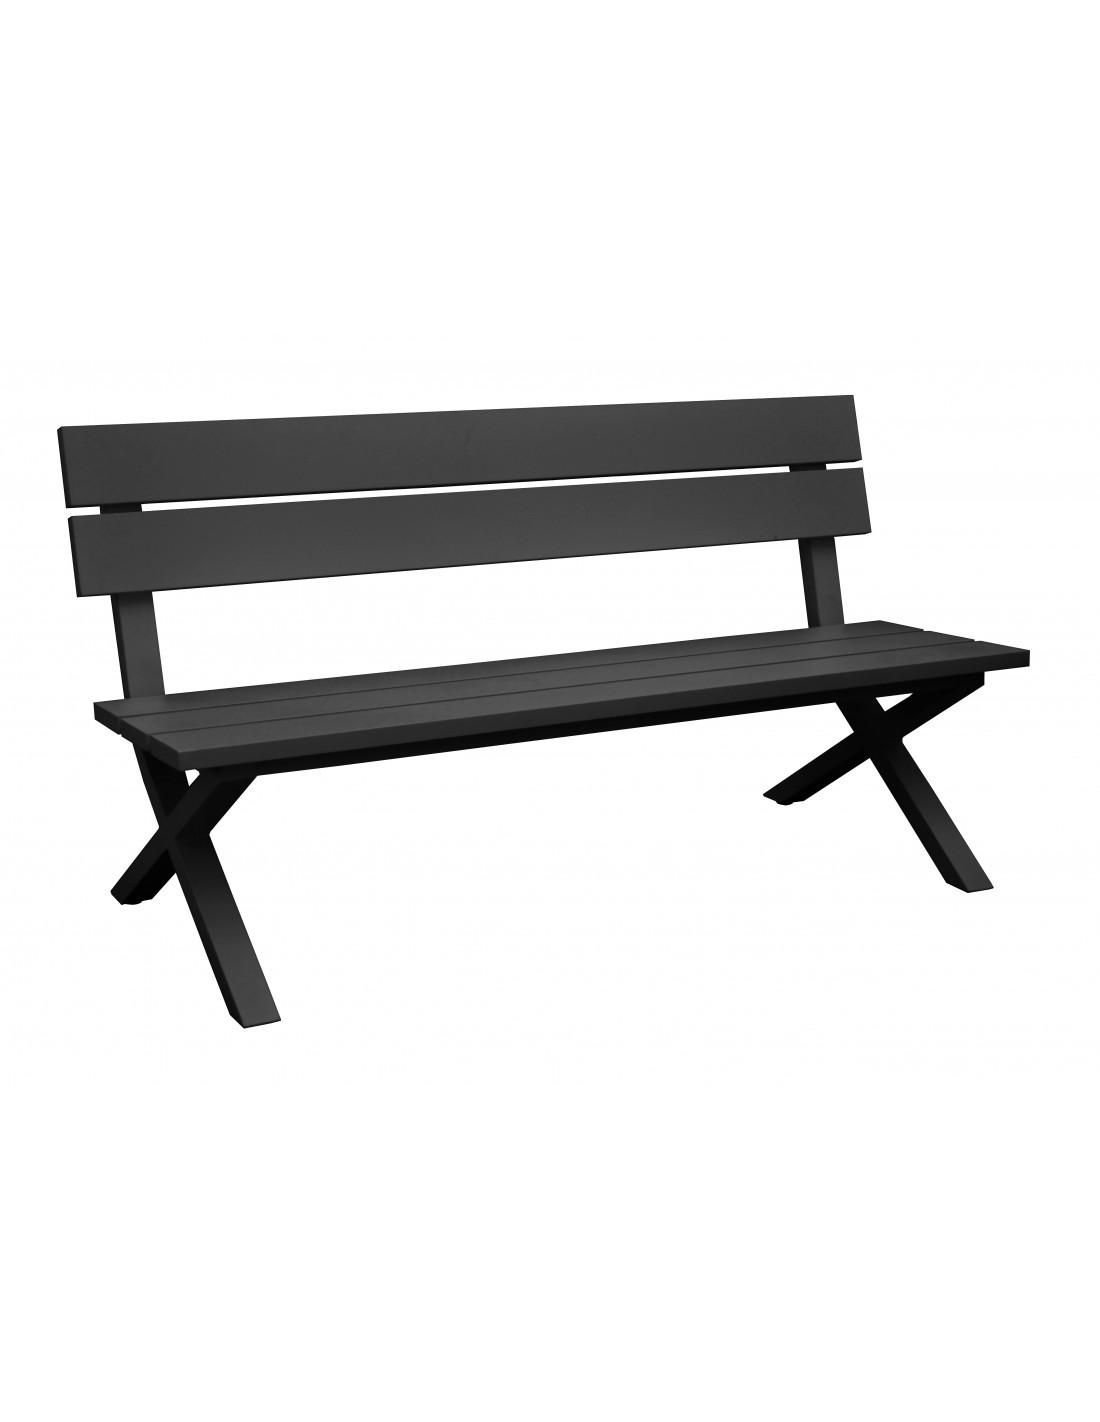 banc de jardin crossway avec dossier en aluminium grey ou blanc oc o. Black Bedroom Furniture Sets. Home Design Ideas